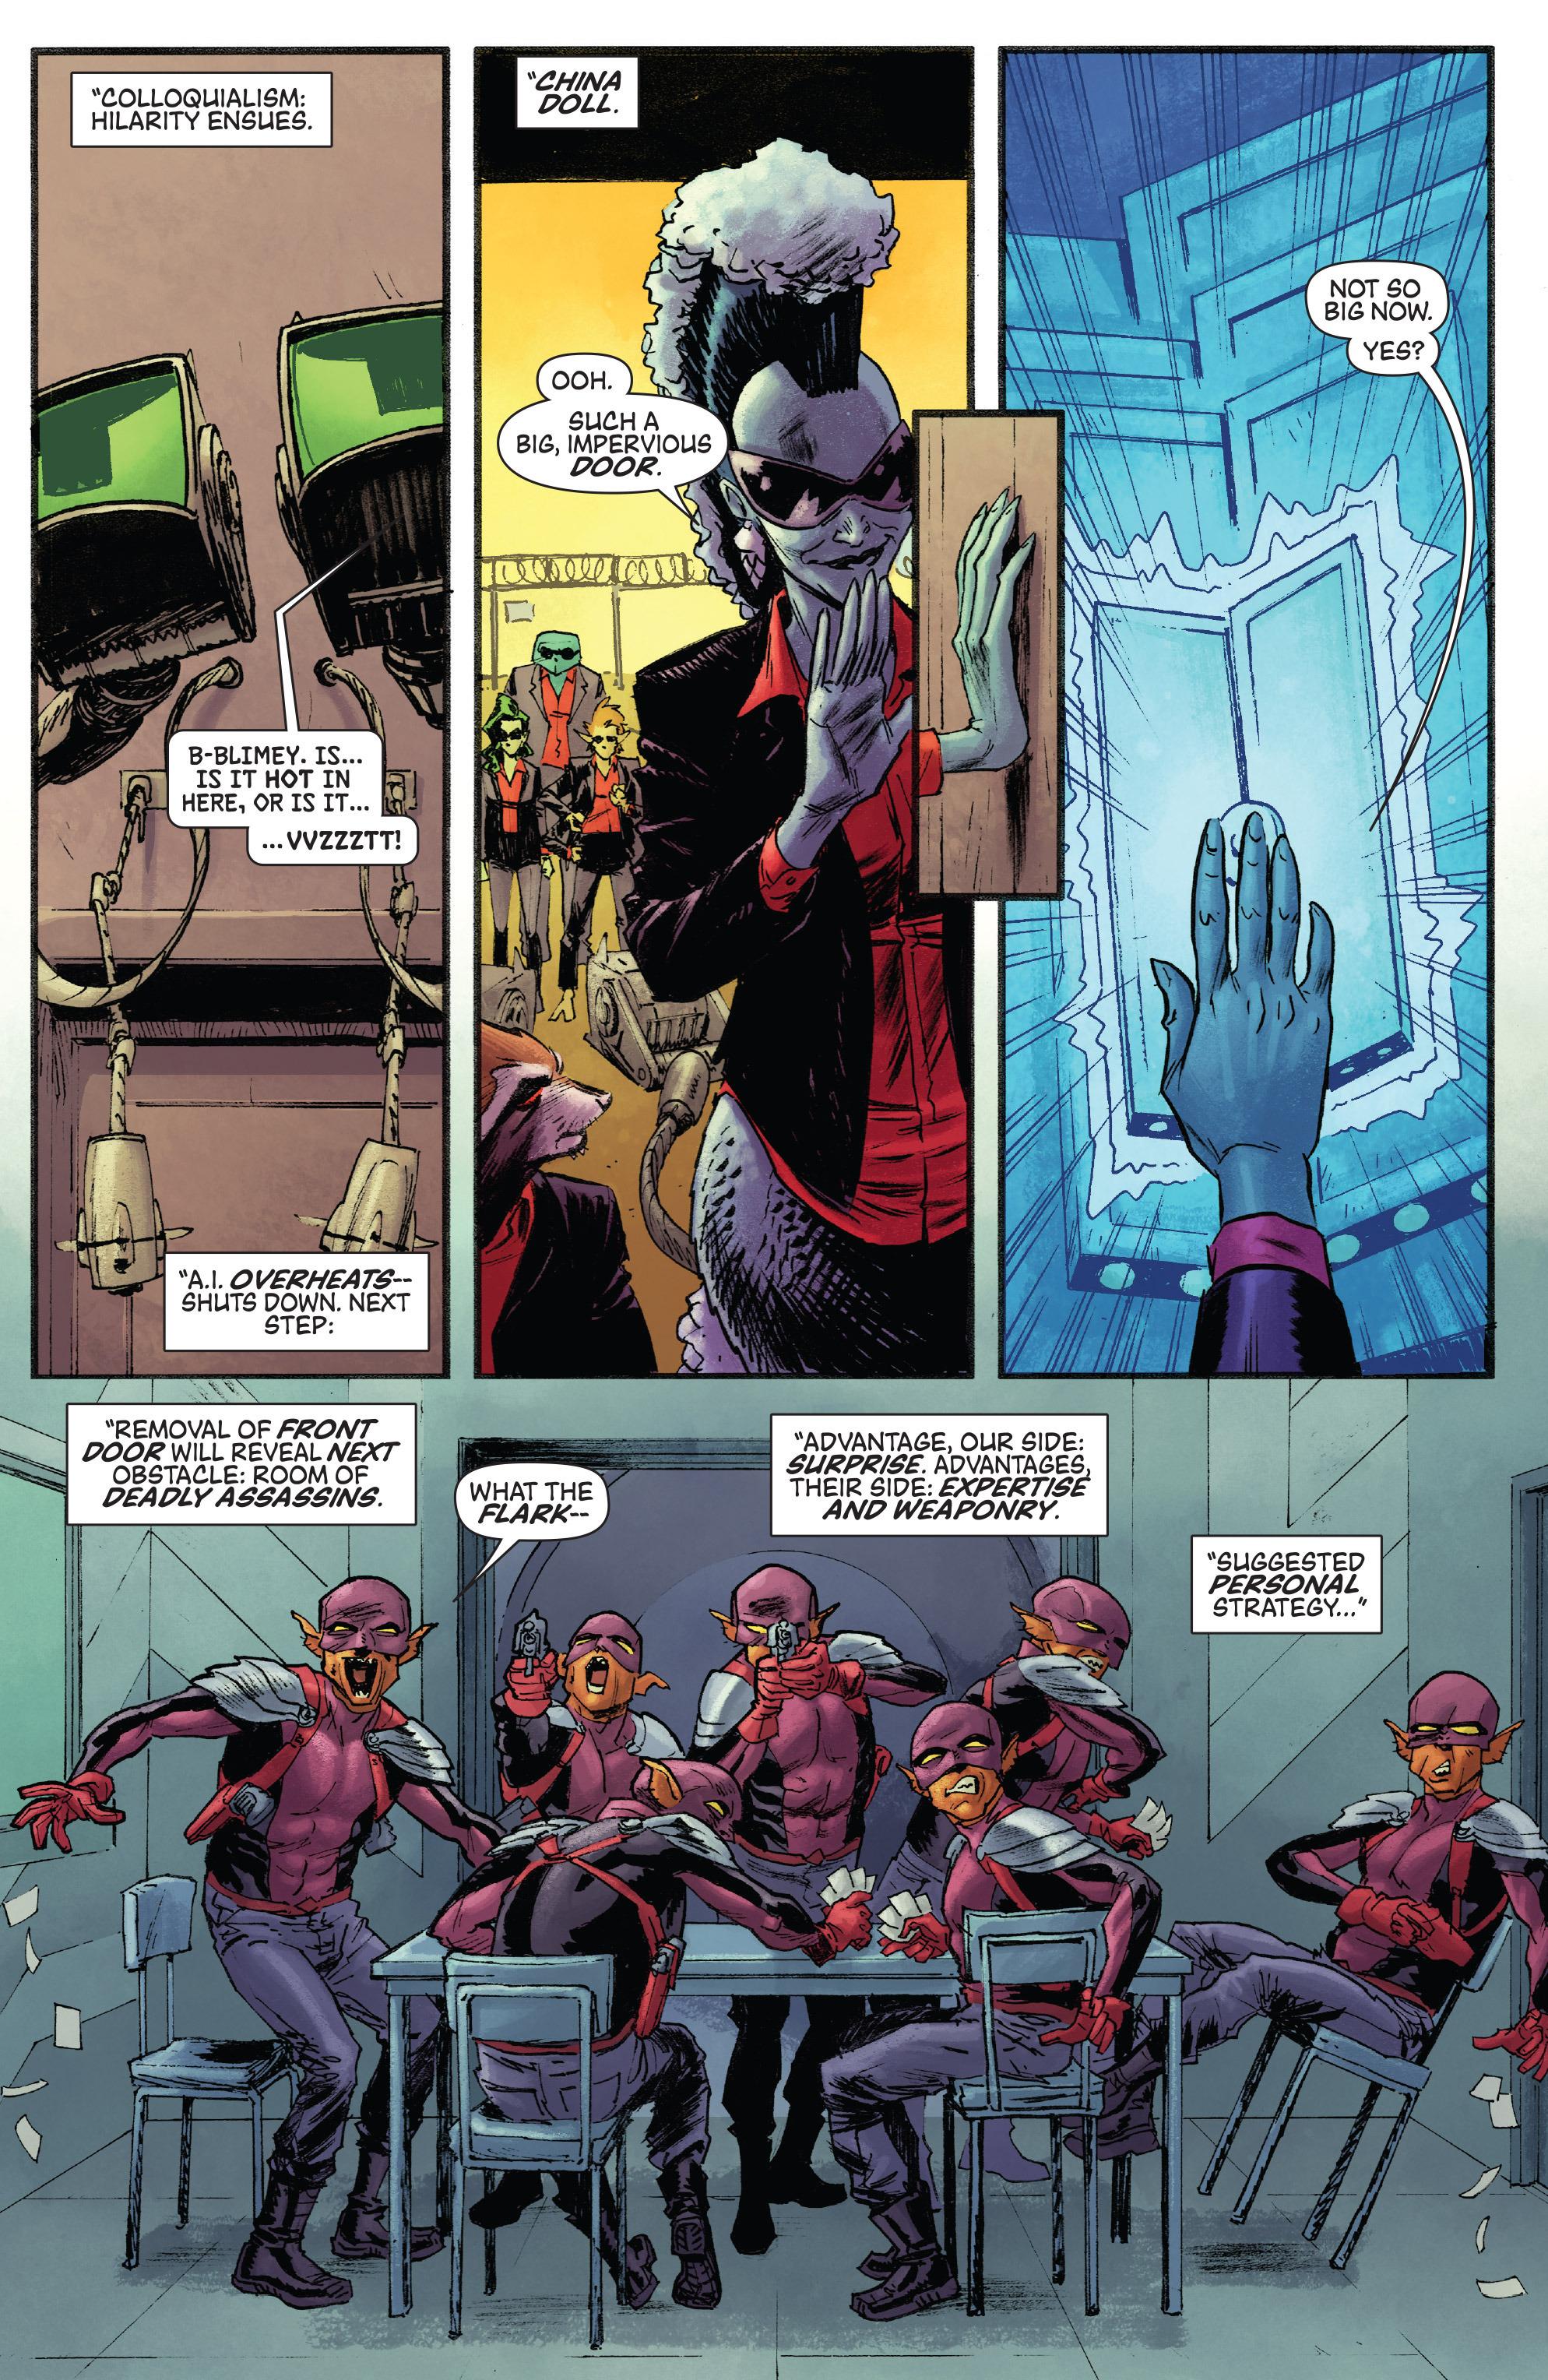 Read online Rocket comic -  Issue #1 - 17